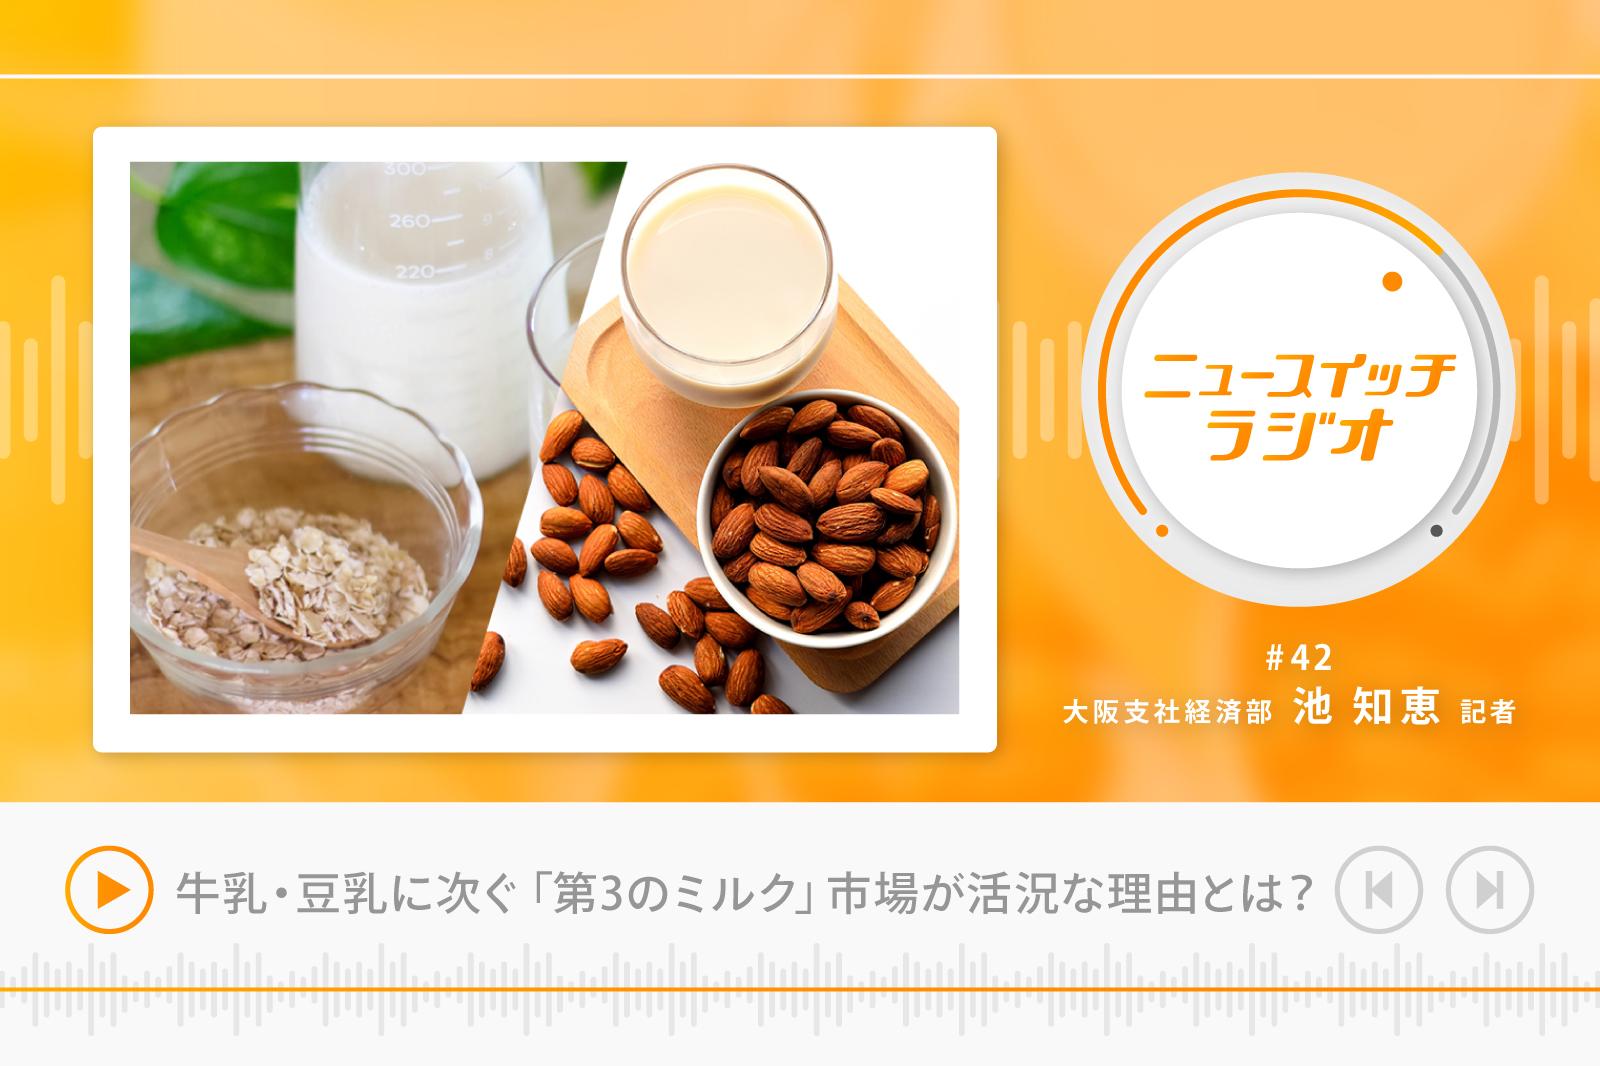 【音声解説】牛乳・豆乳に次ぐ「第3のミルク」市場活況、その背景とは?